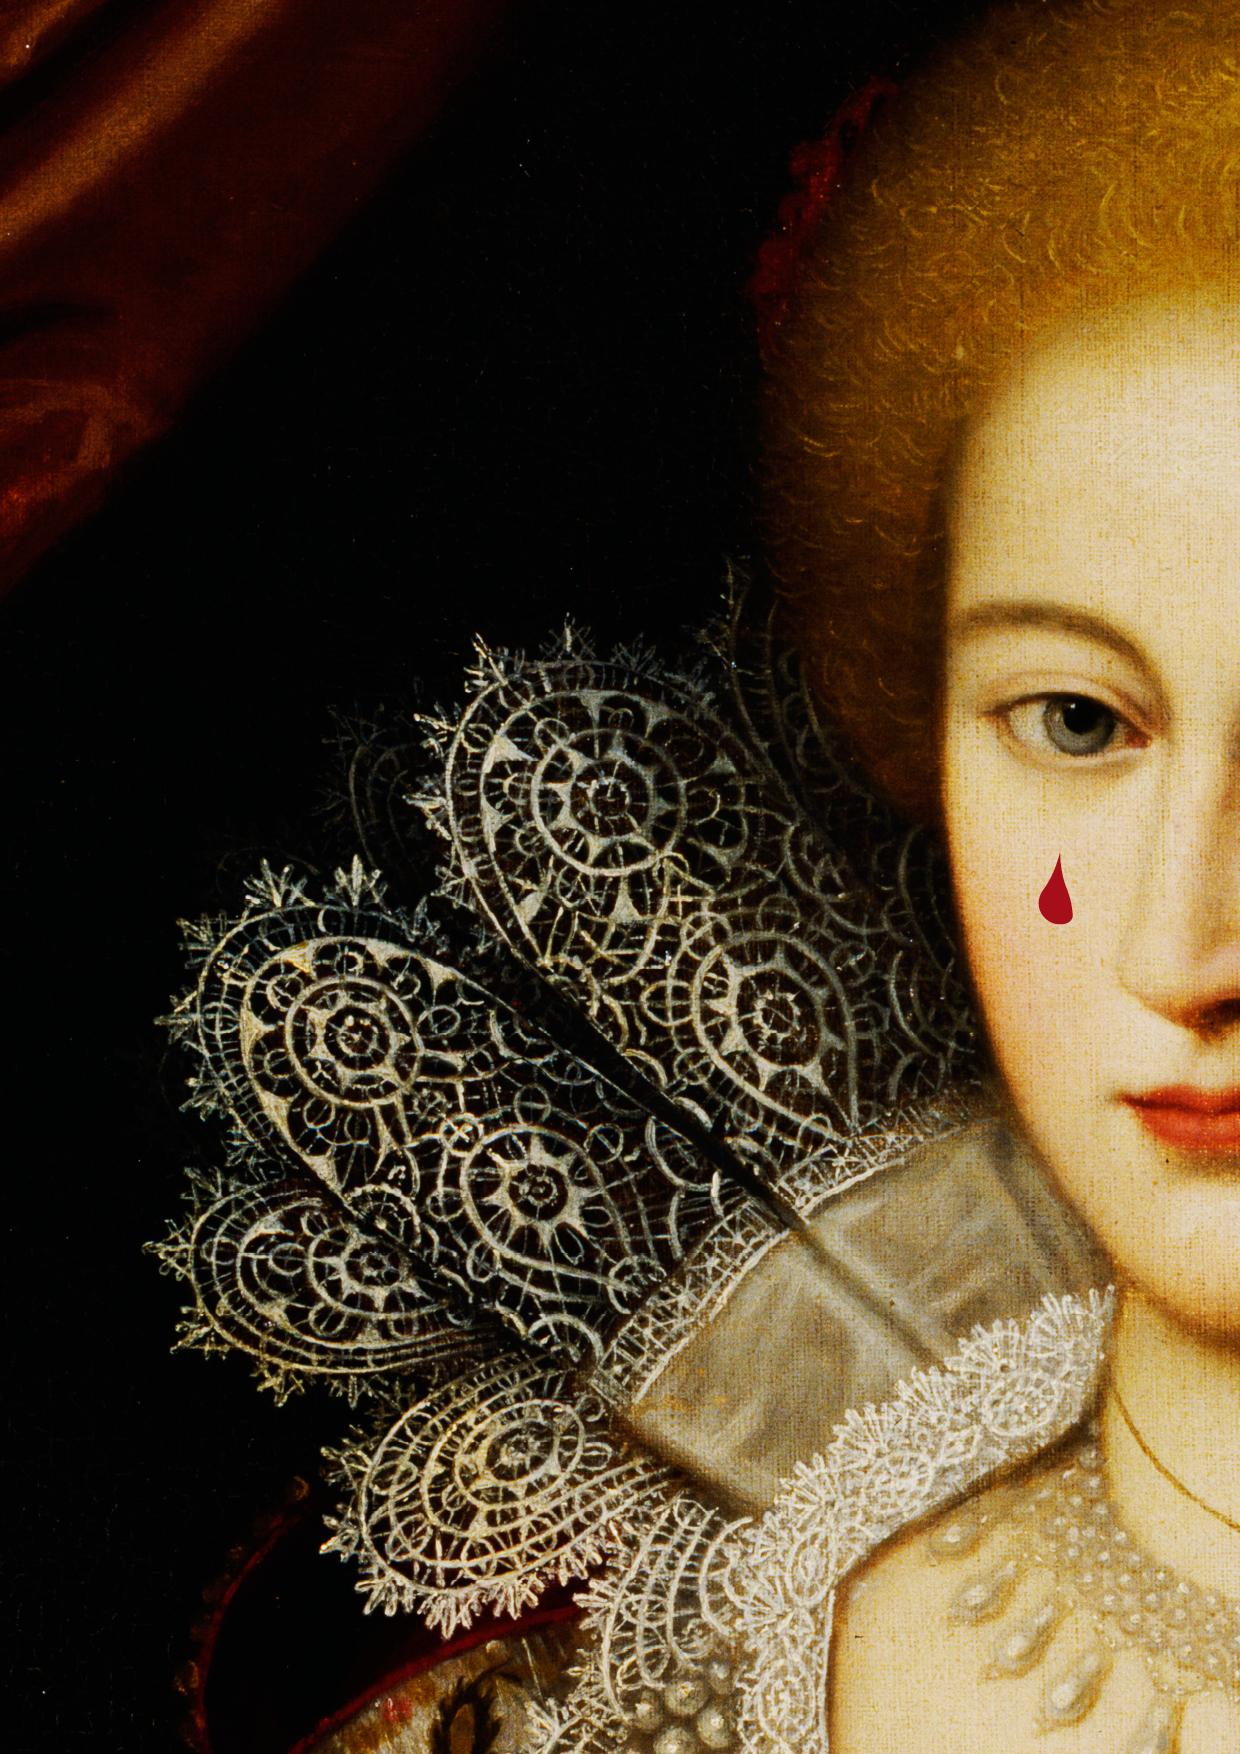 Porträtt av Maria Eleonora med en droppe blod på kiden